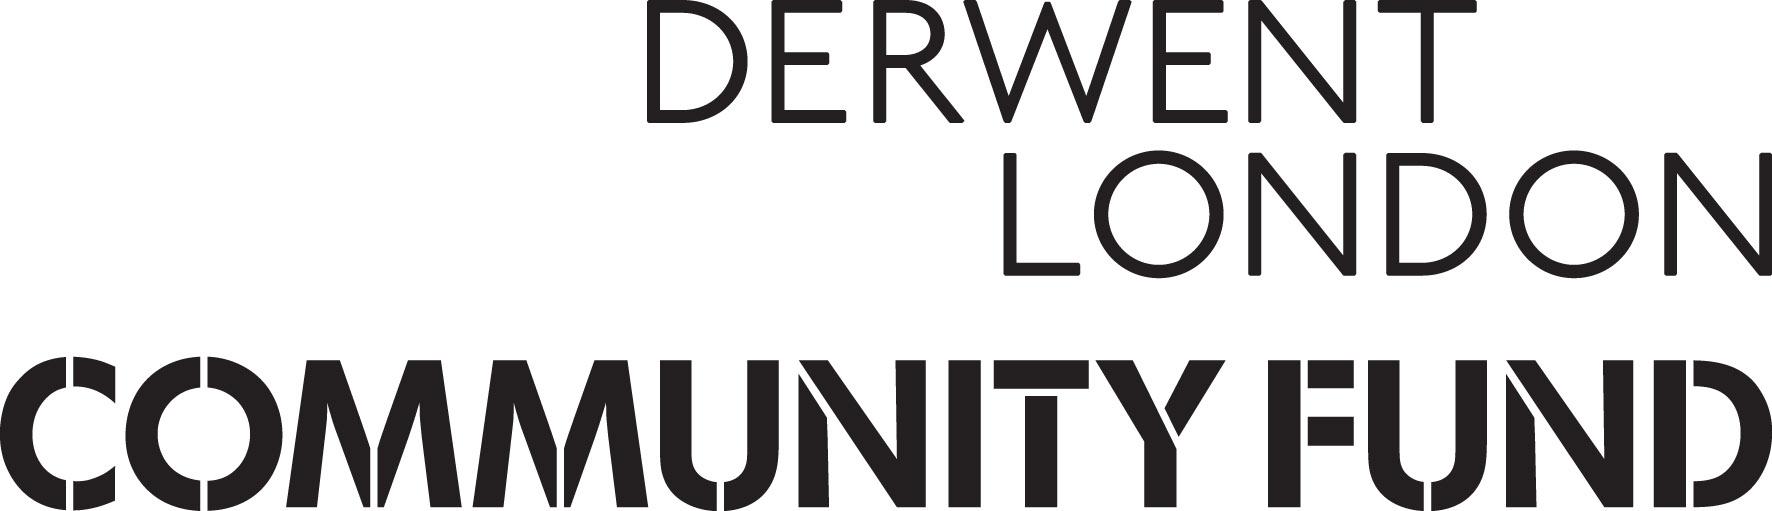 LOGOS DL Community Fund logo N4